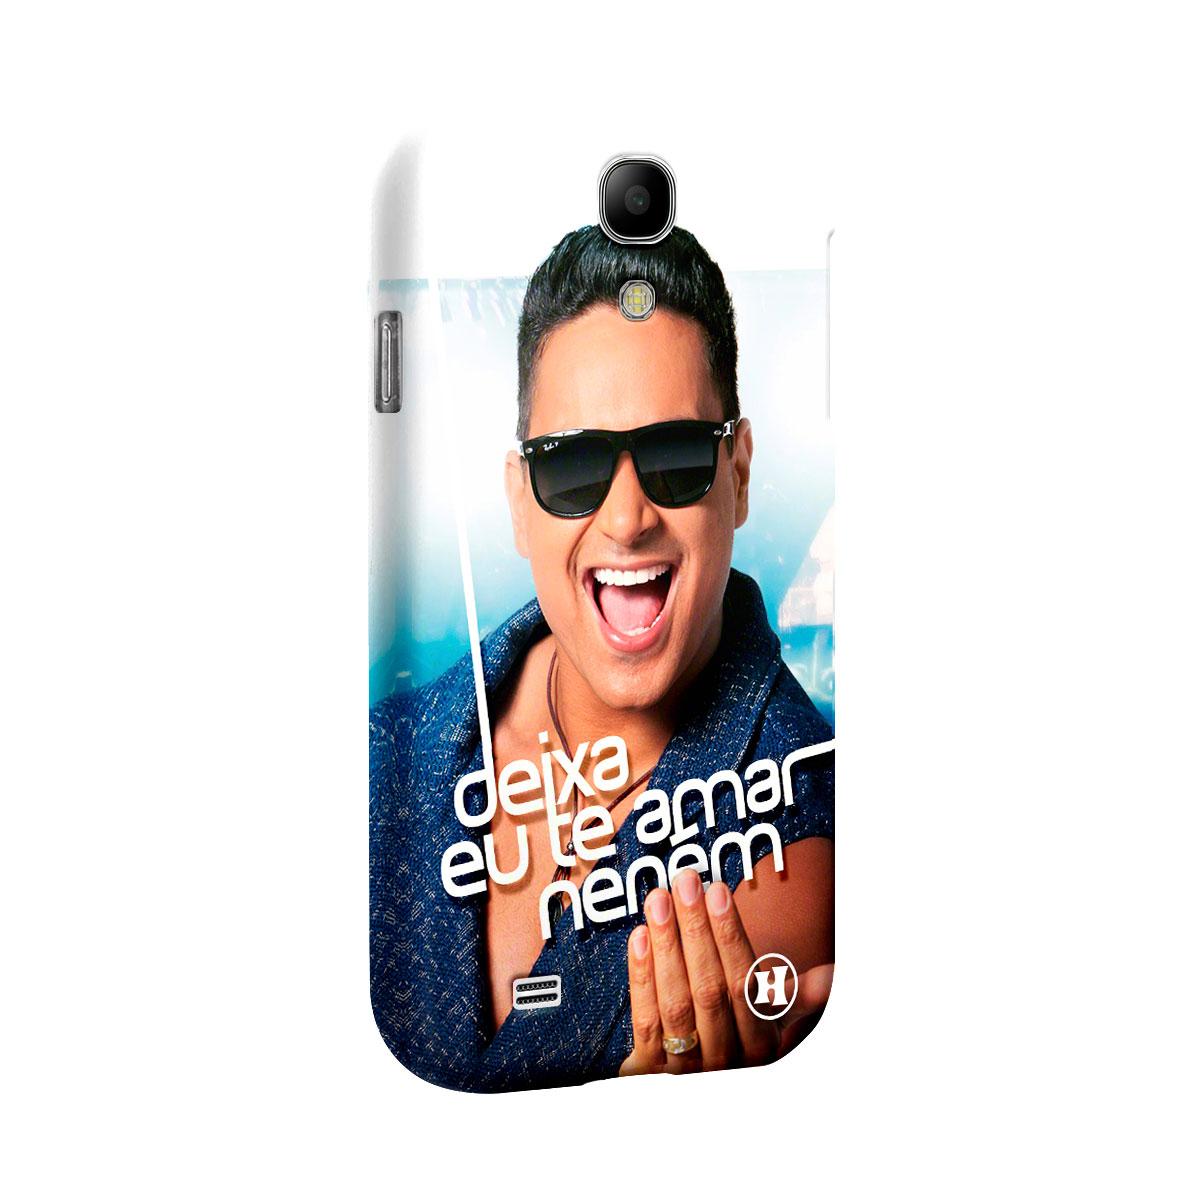 Capa para Samsung Galaxy S4 Harmonia do Samba Deixa Eu Te Pegar Neném